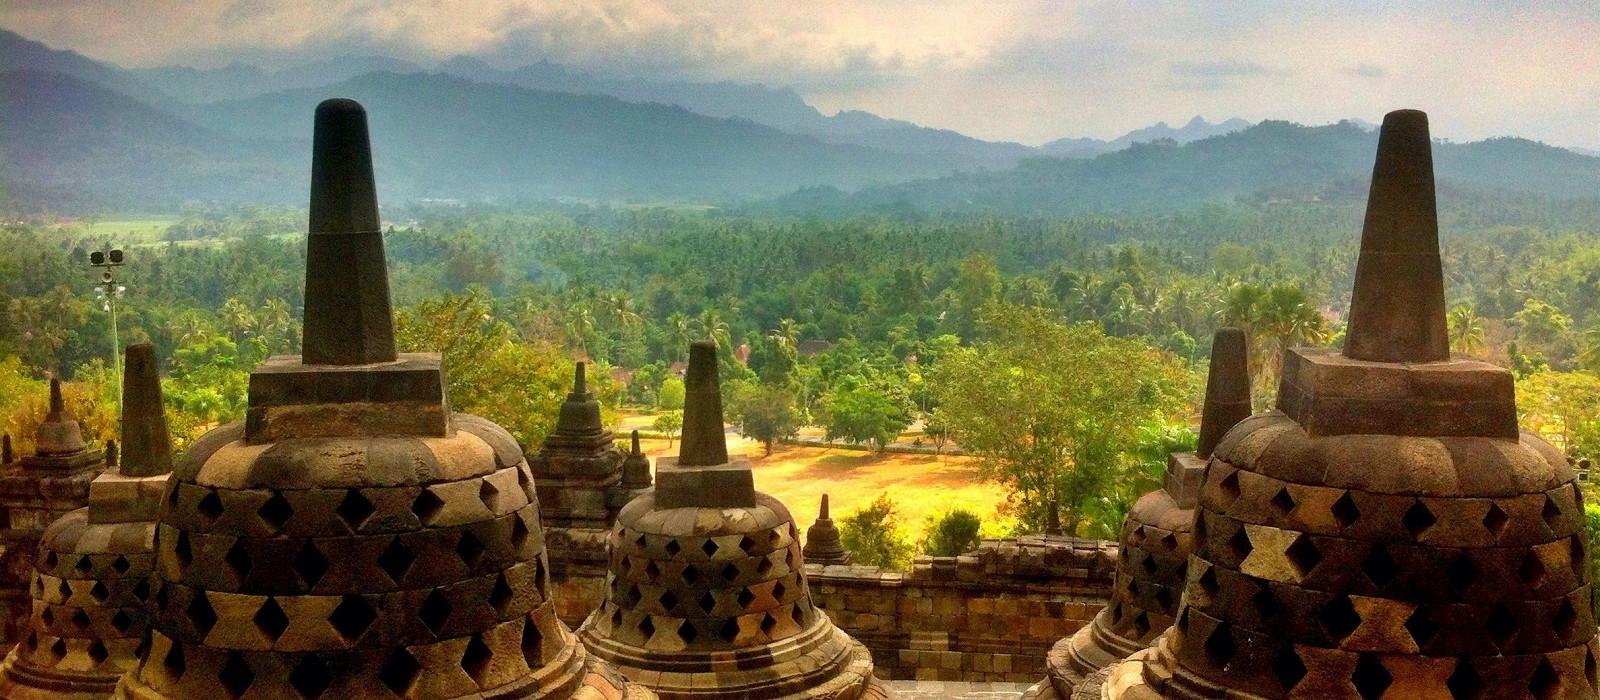 Indonesia's Orangutans and Temples Tour Trip 1